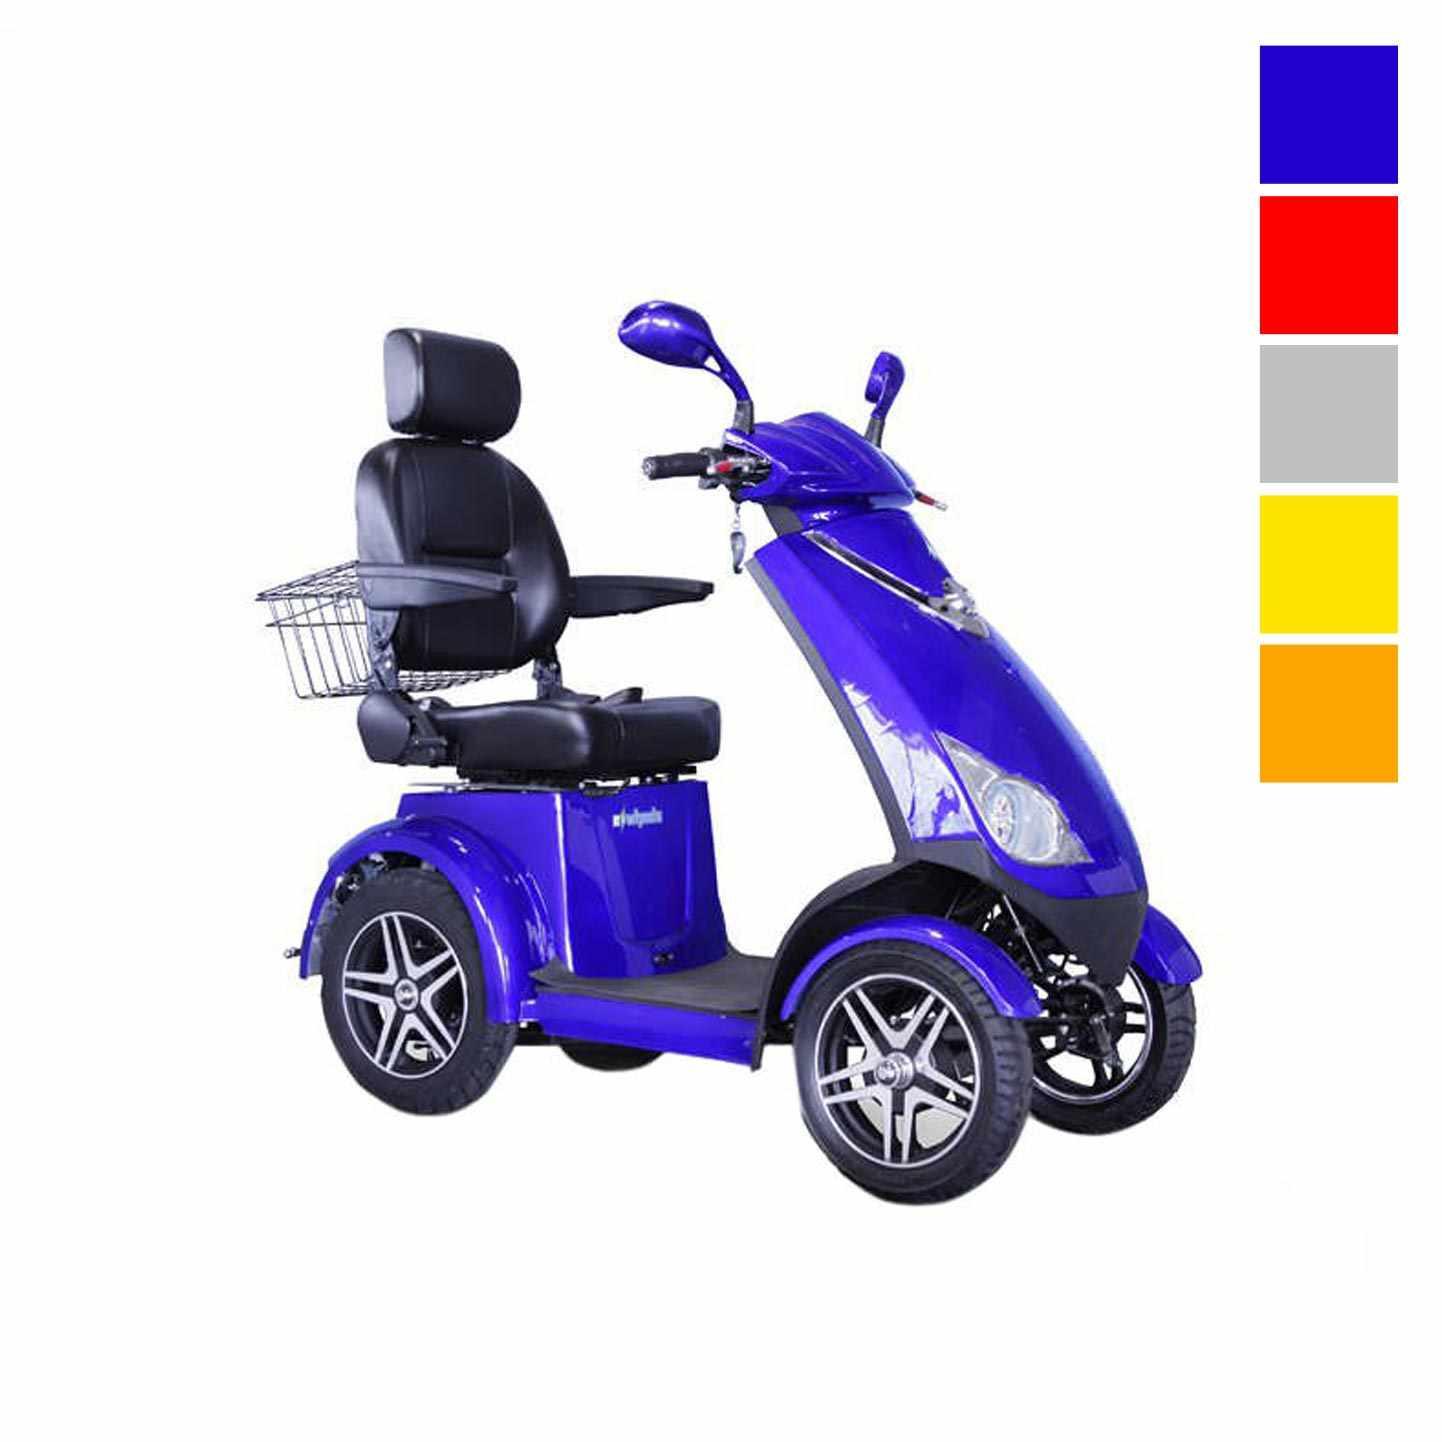 EWheels EW-72 four wheel mobility scooter - Blue